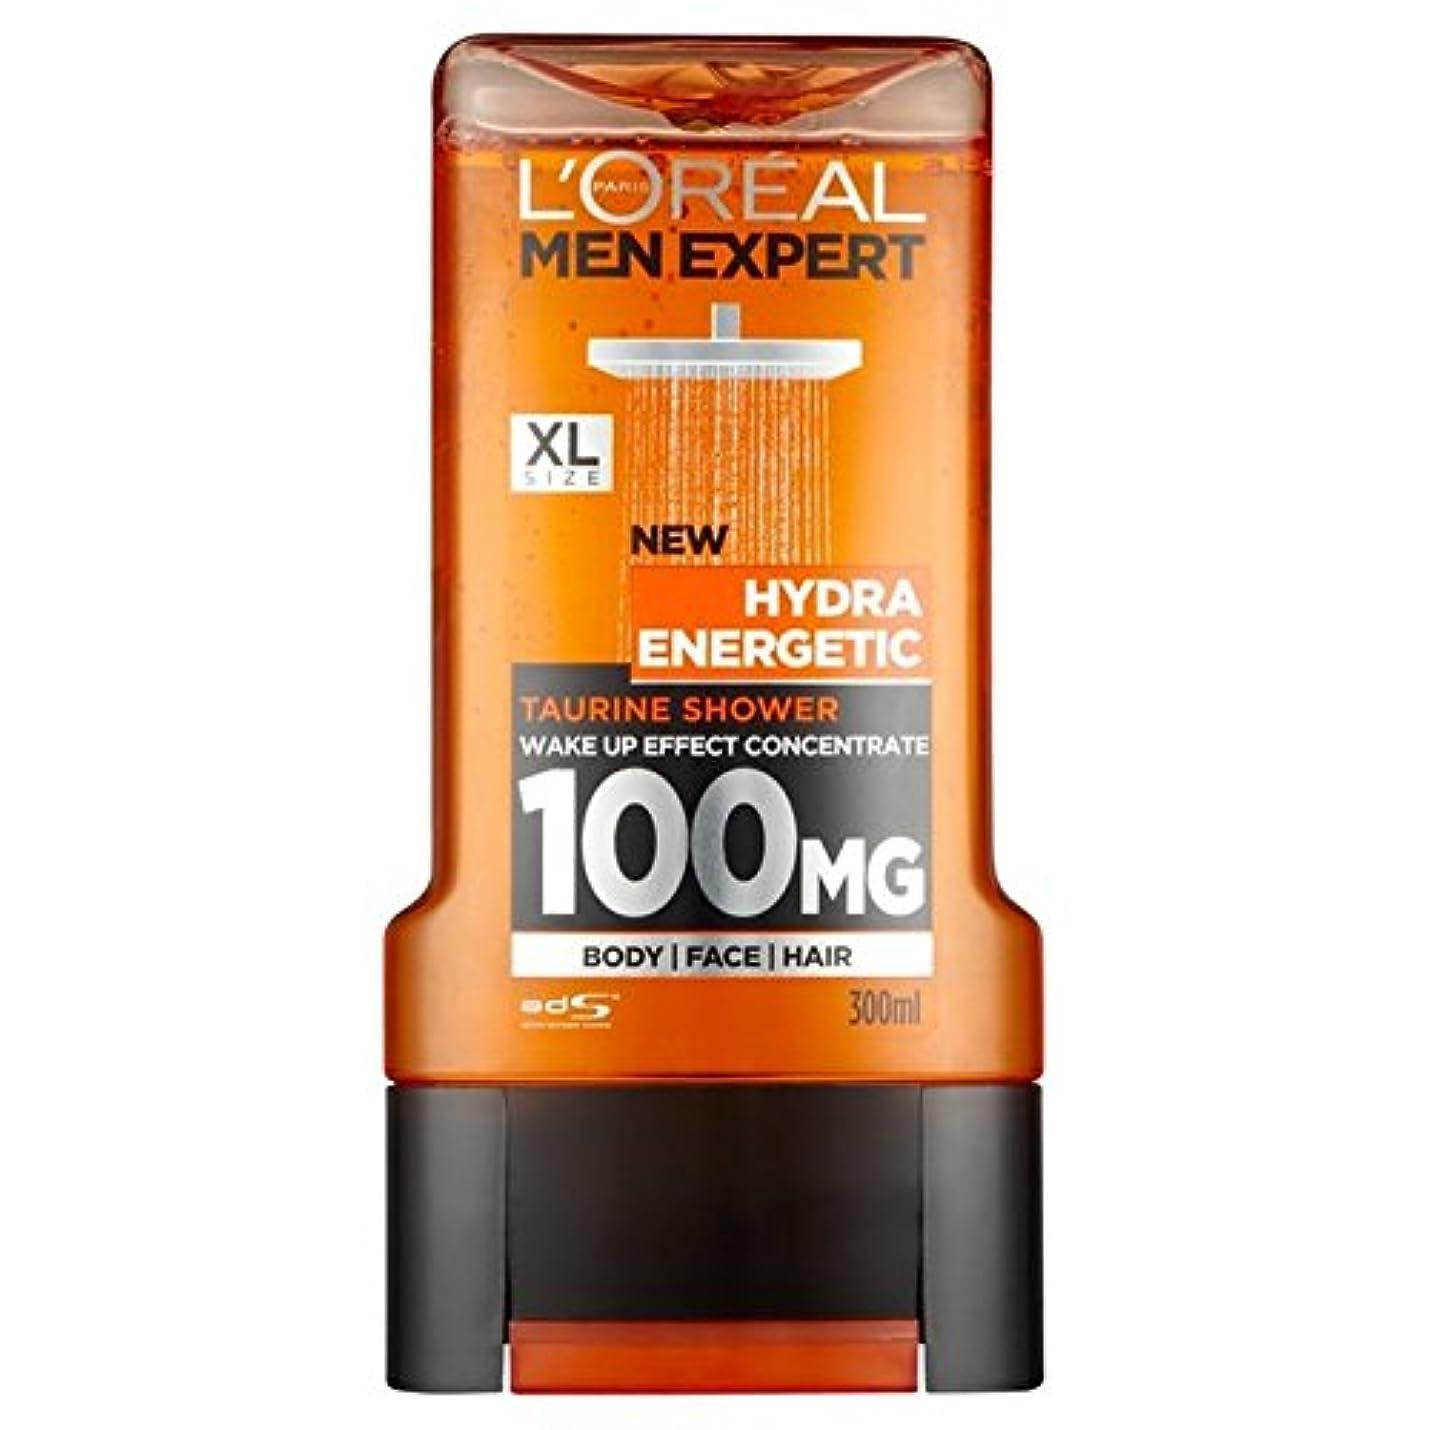 老人レイアウト機知に富んだL'Oreal Paris Men Expert Hydra Energetic Shower Gel 300ml - ロレアルパリのメンズ専門家ヒドラエネルギッシュなシャワージェル300ミリリットル [並行輸入品]